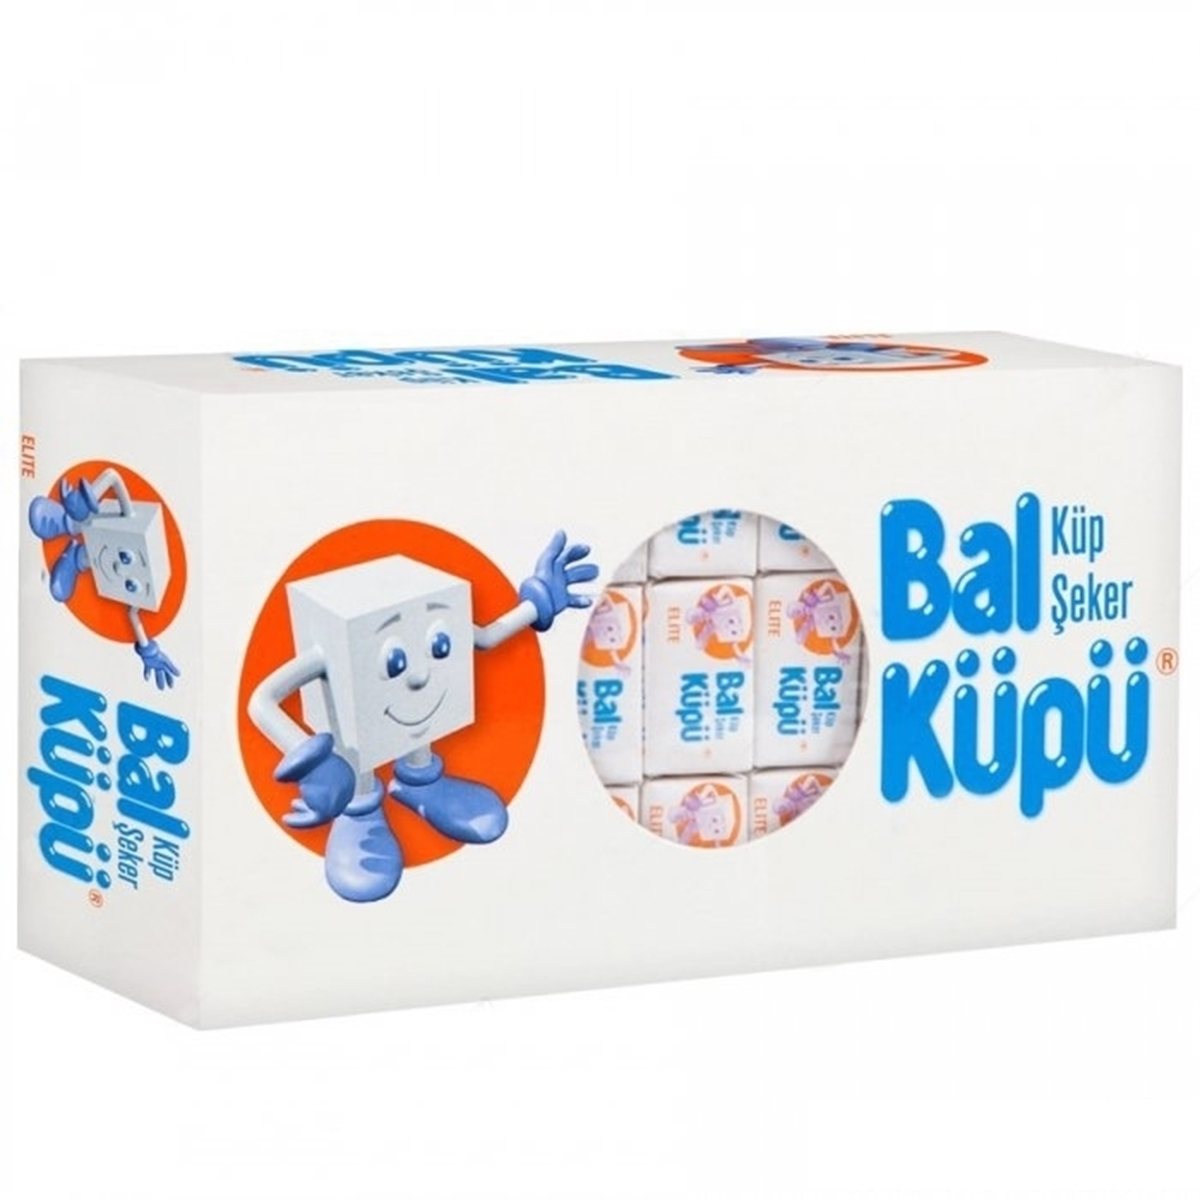 BalKüpü Çift Sargılı Küp Şeker 750 g 20'li Koli resmi